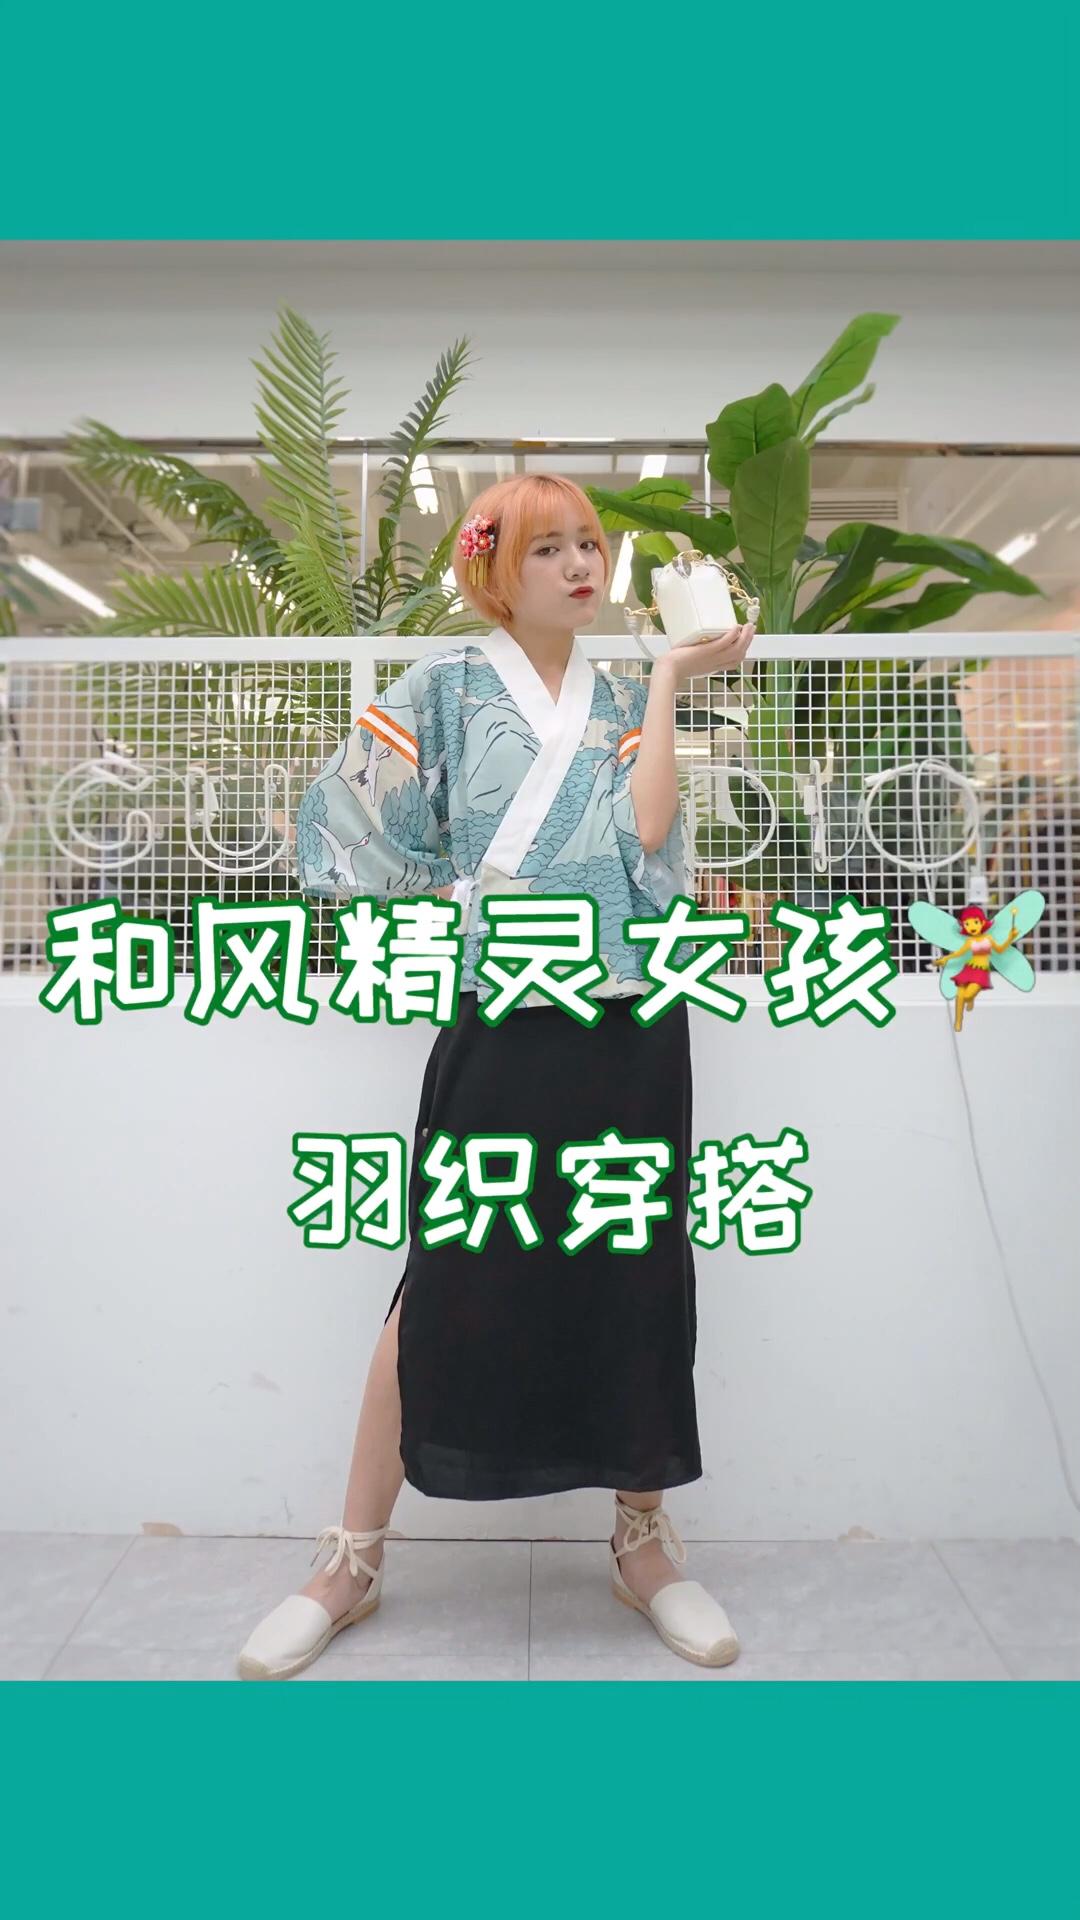 #变身古灵精怪的宝藏女孩# 羽织在初夏还蛮实用的 可以直接当上衣 也可以当外披 绿色的花纹和雪纺的面料都带来一股夏日清凉感 不会穿的宝宝可以看一下视频噢~很简单的~